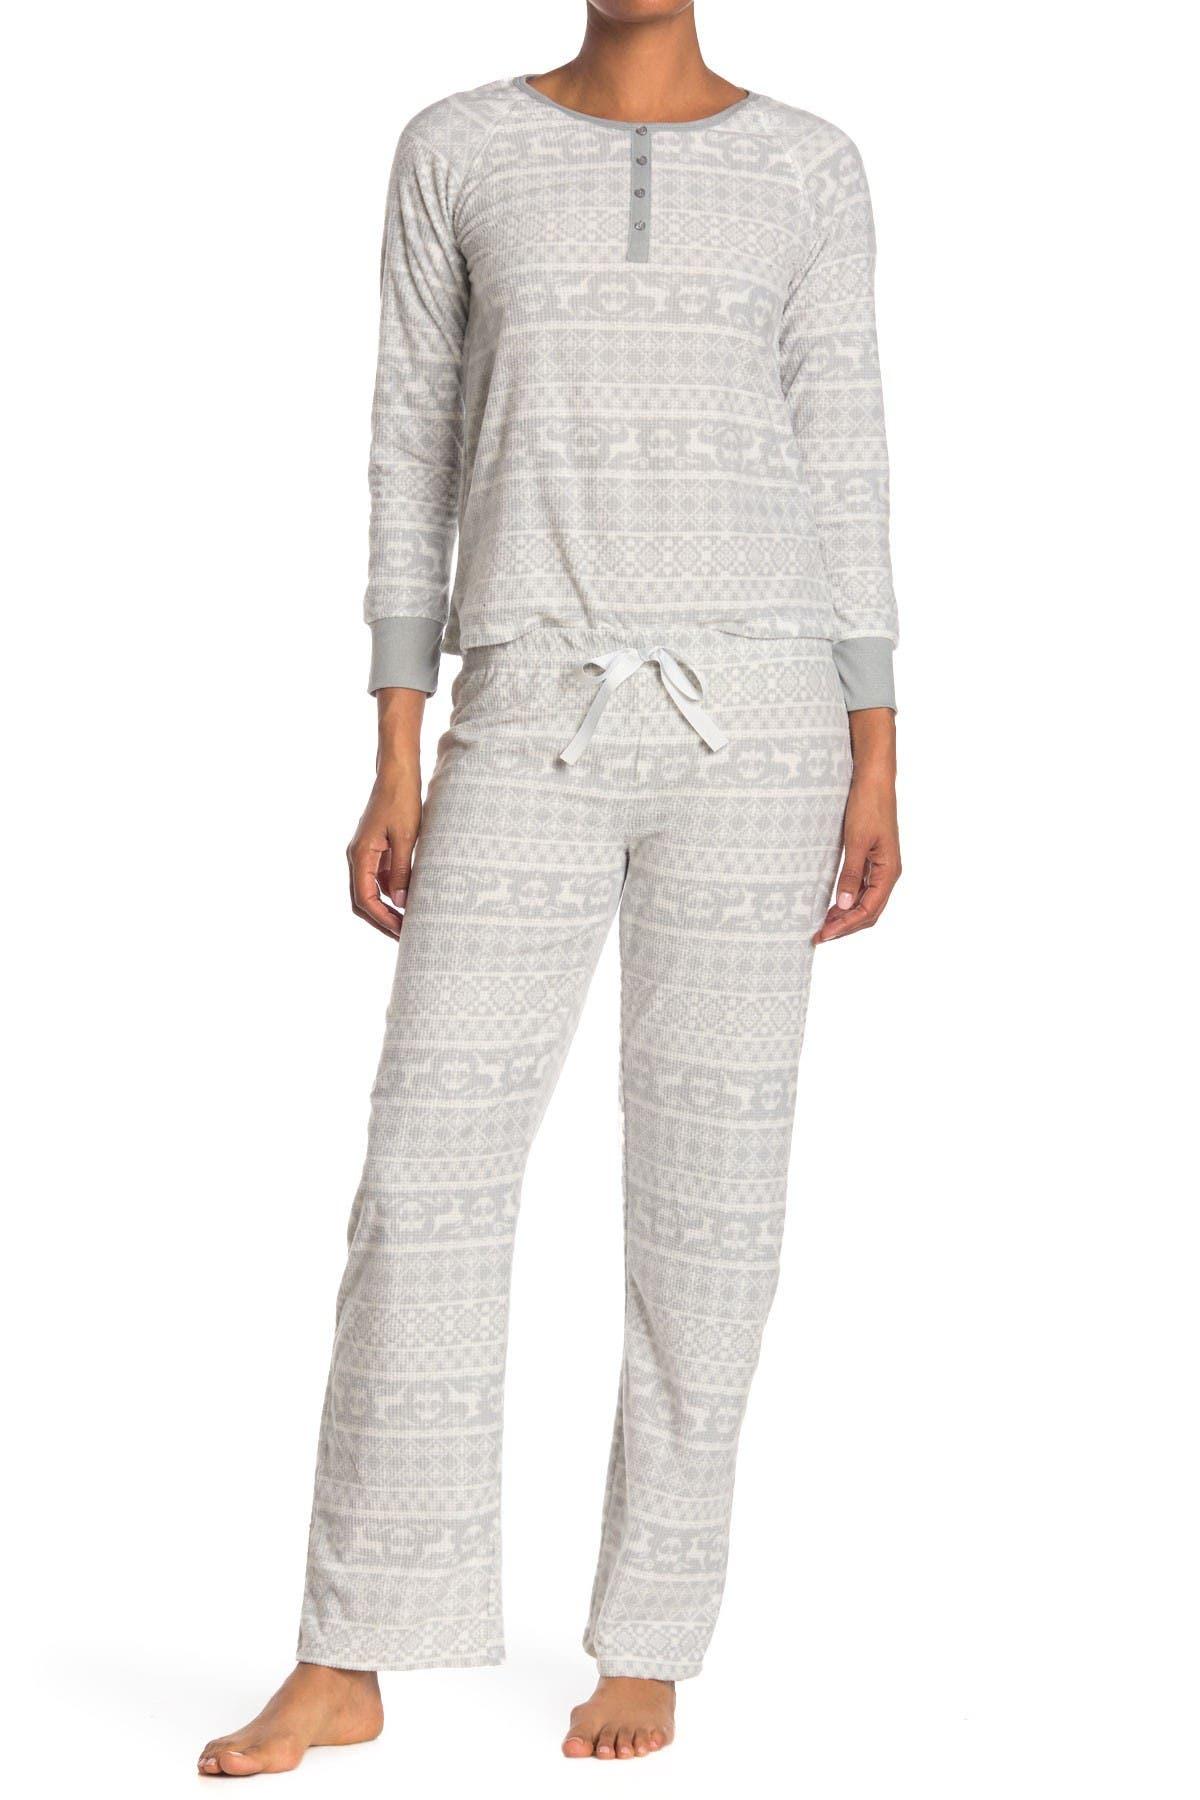 Image of Kathy Ireland Waffle Knit Fair Isle 2-Piece Pajama Set